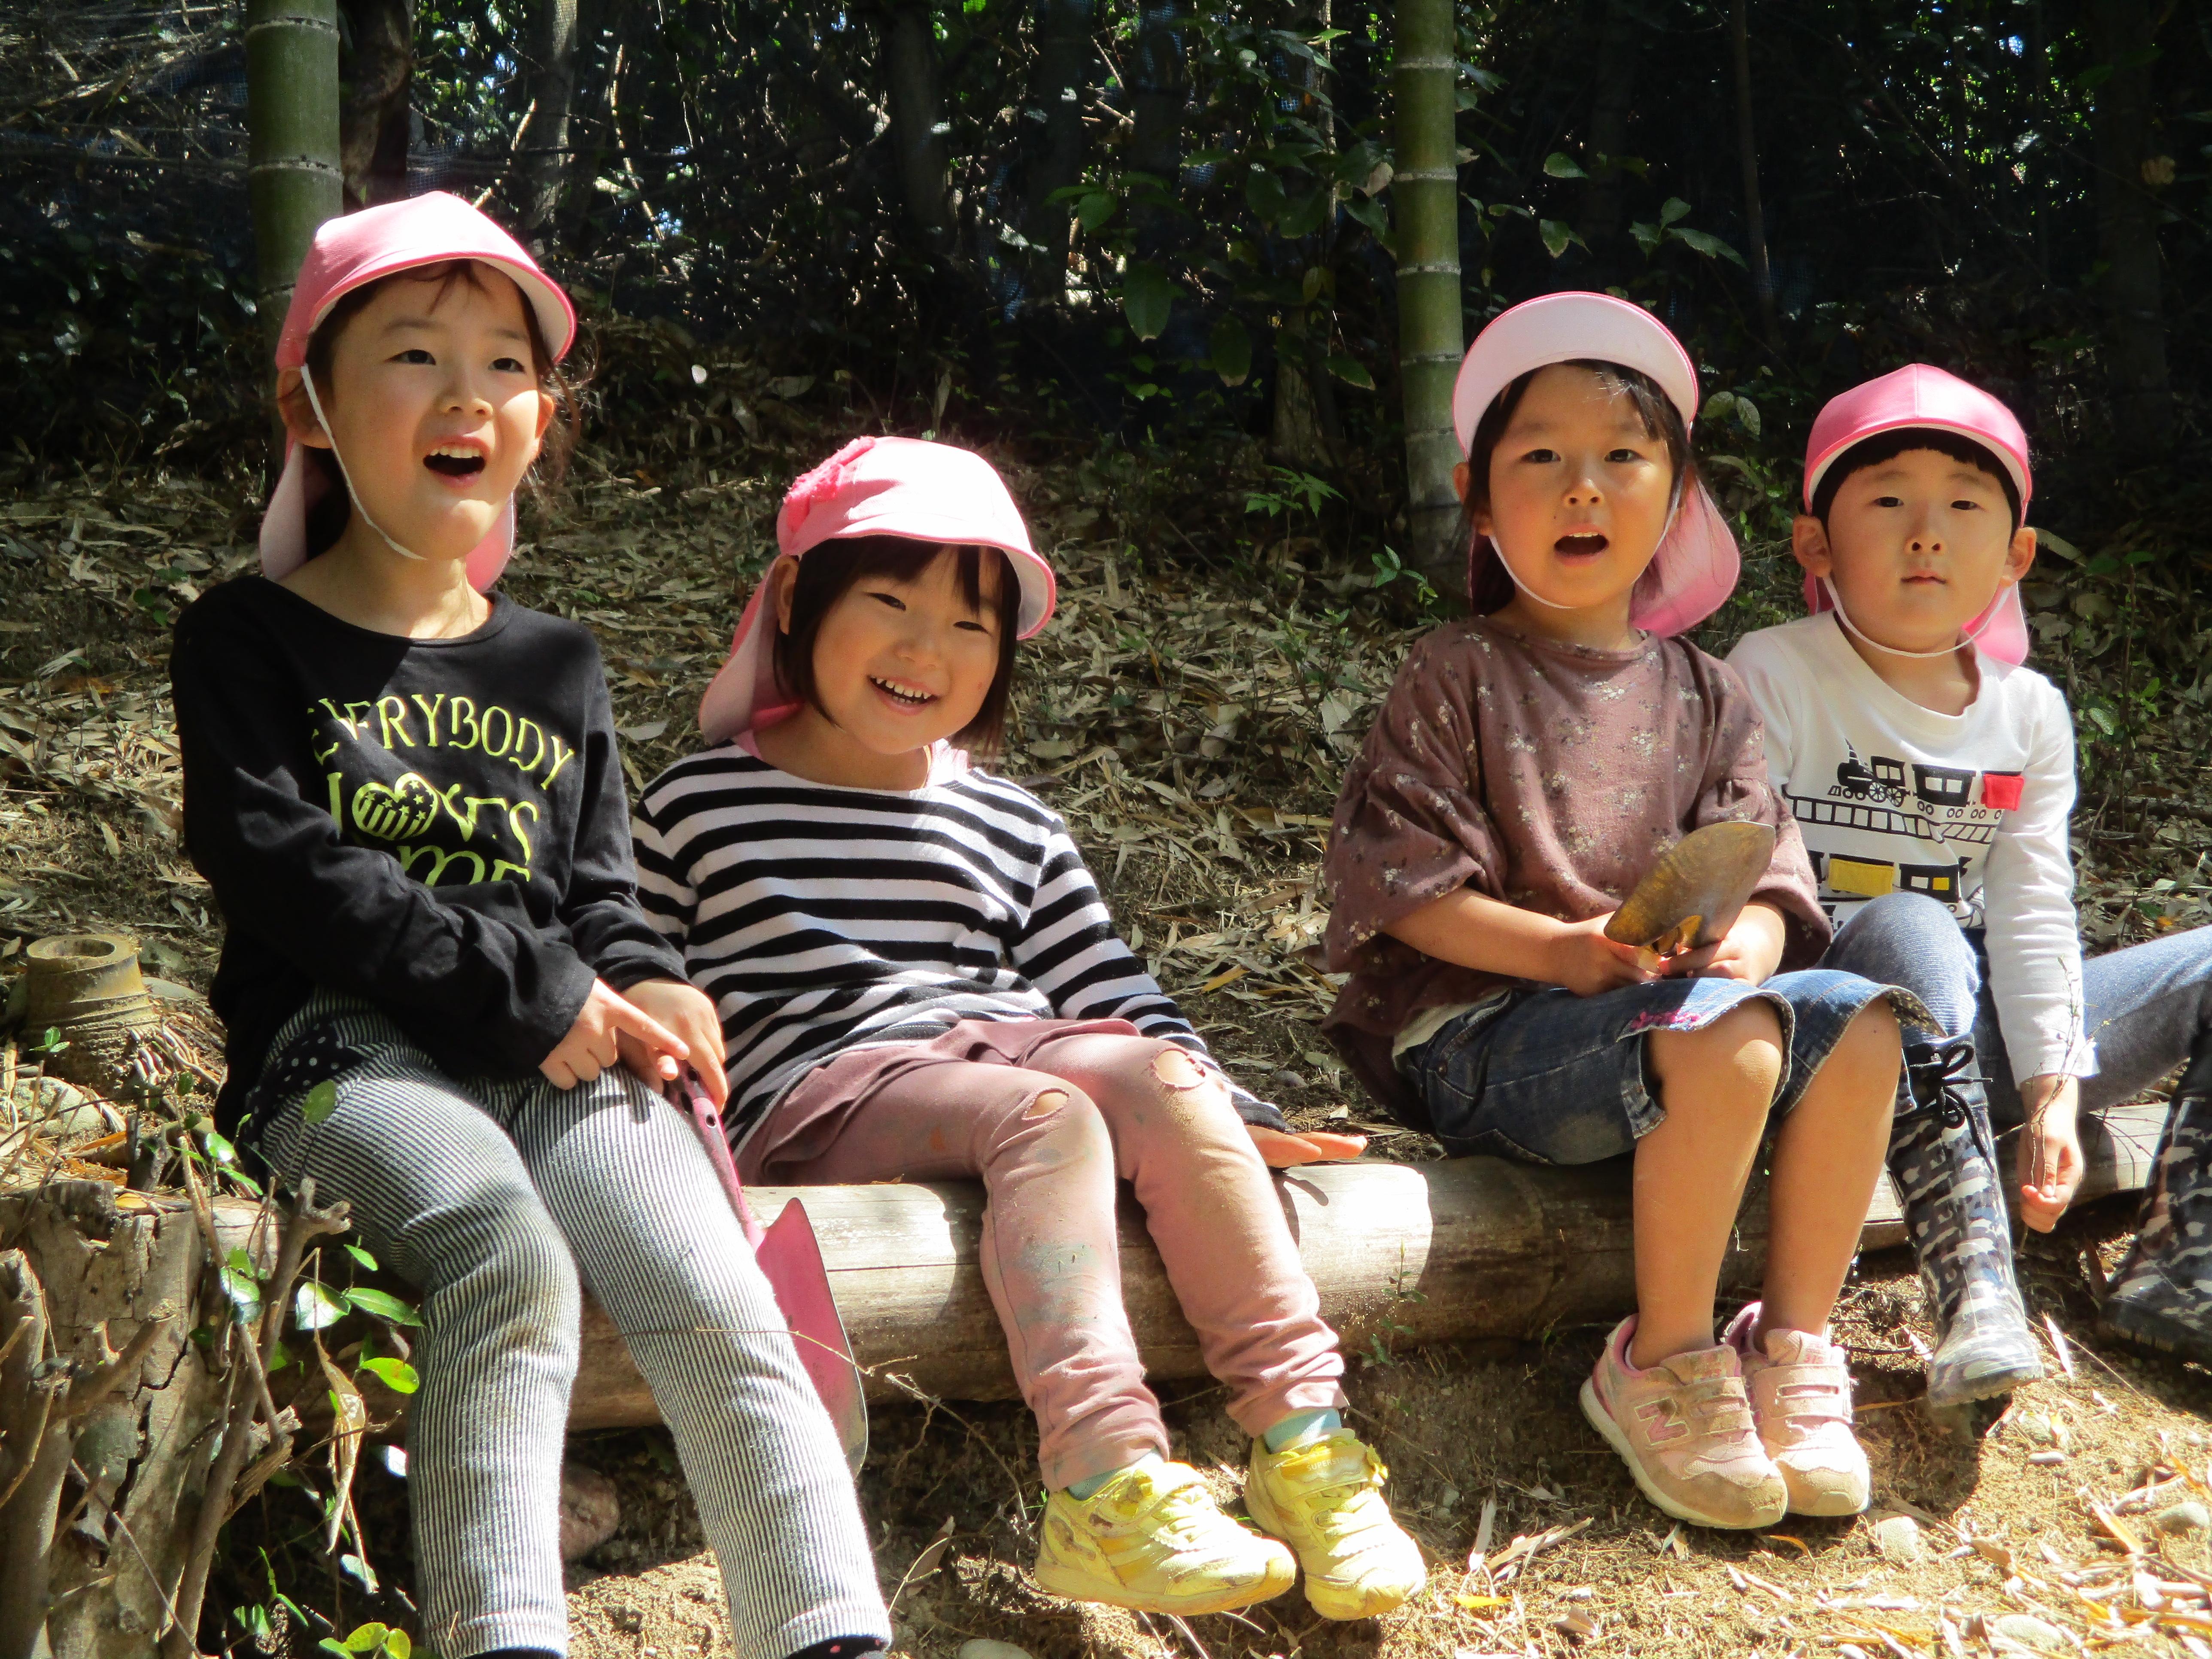 【1/24】森づくりミーティング  ~森・人・地域づくりの、新しい可能性が広がる~